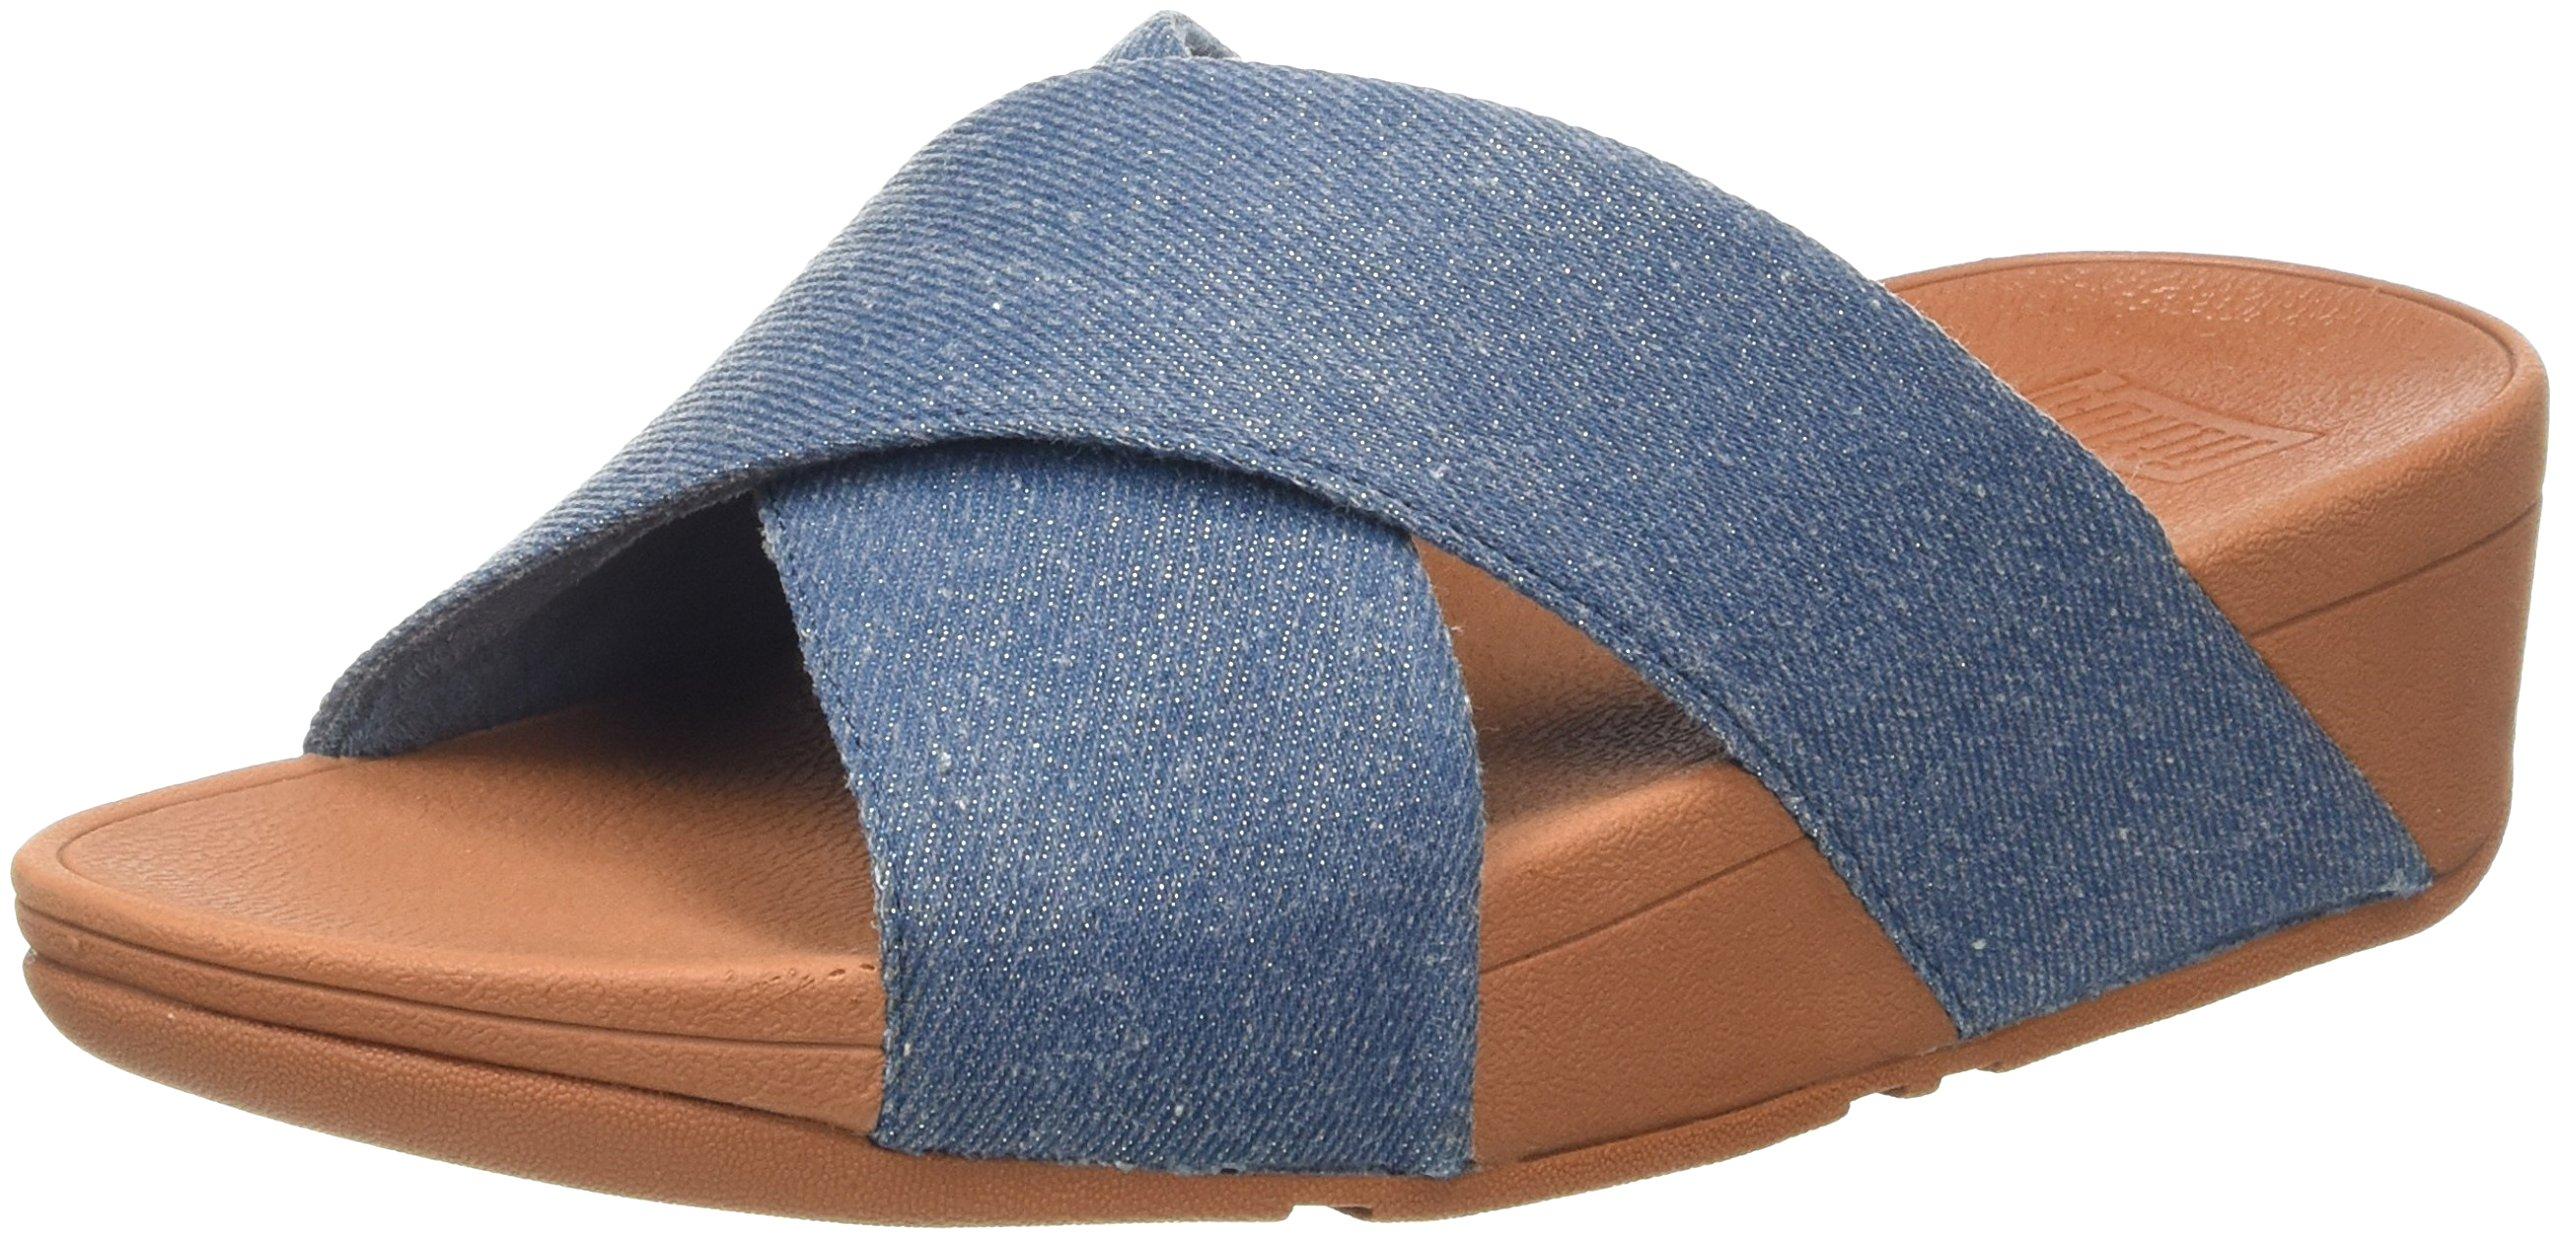 Slide Lulu denimBout 53336 Eu shimmer FemmeBleublue Fitflop Cross Sandals Ouvert PX08wnOk